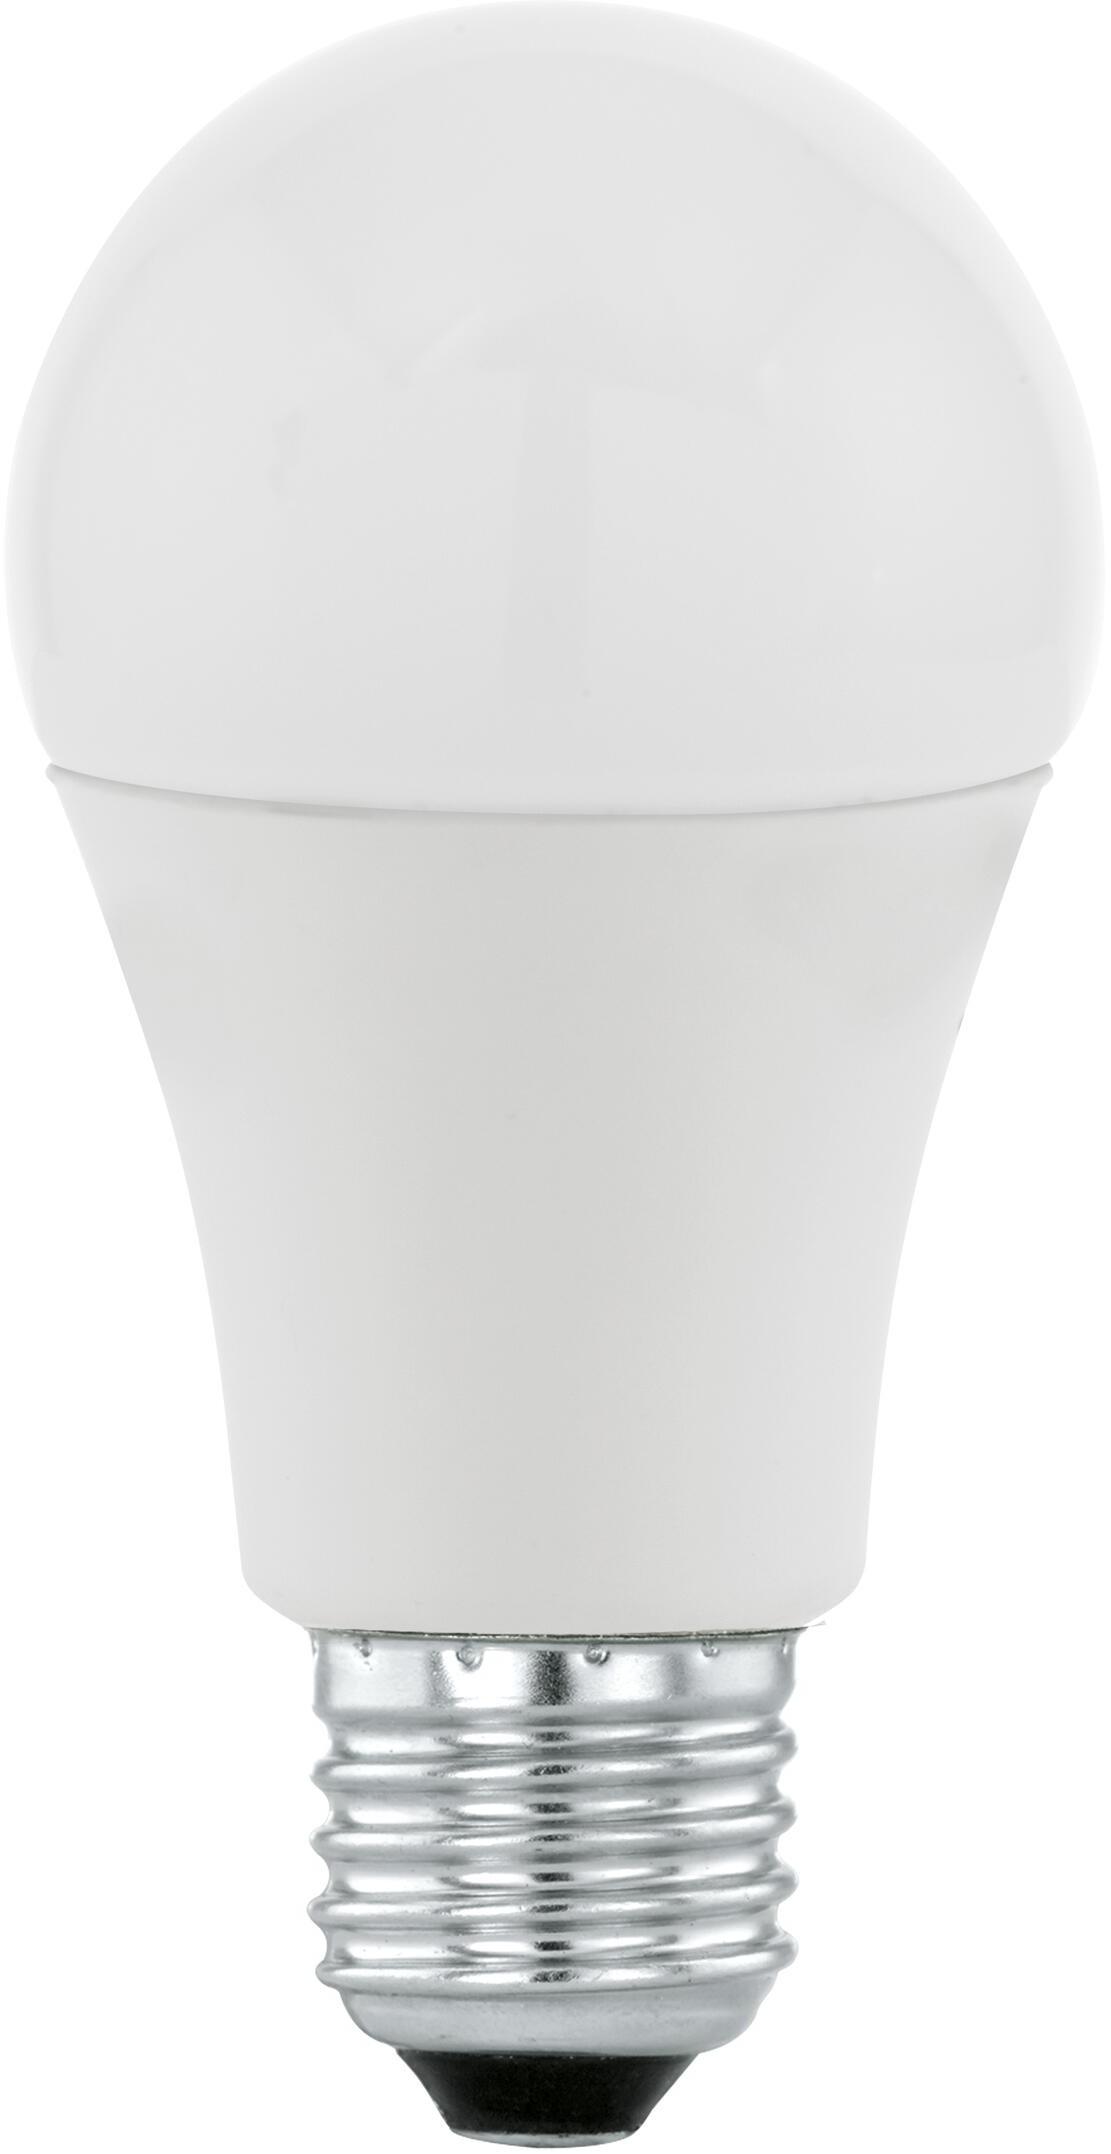 Eglo Żarówka LED z czujnikiem zmierzchu DAY & NIGHT 9,5W E27 806LM 3000K 11714 EGL11714